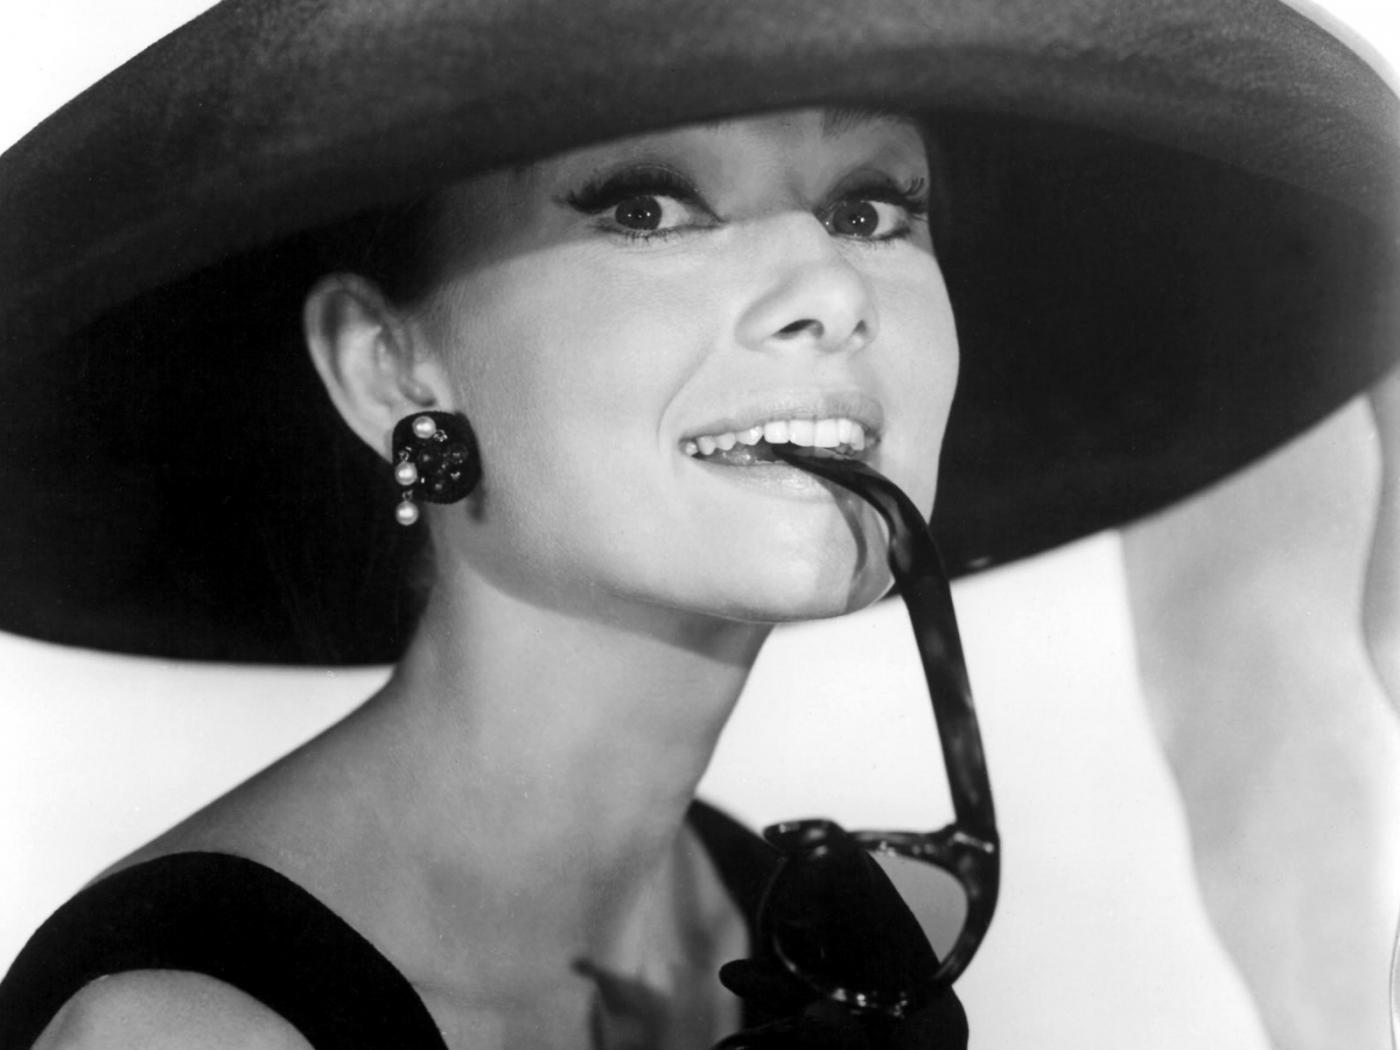 Like Audrey Hepburn: повторяем образы героинь голливудских фильмов